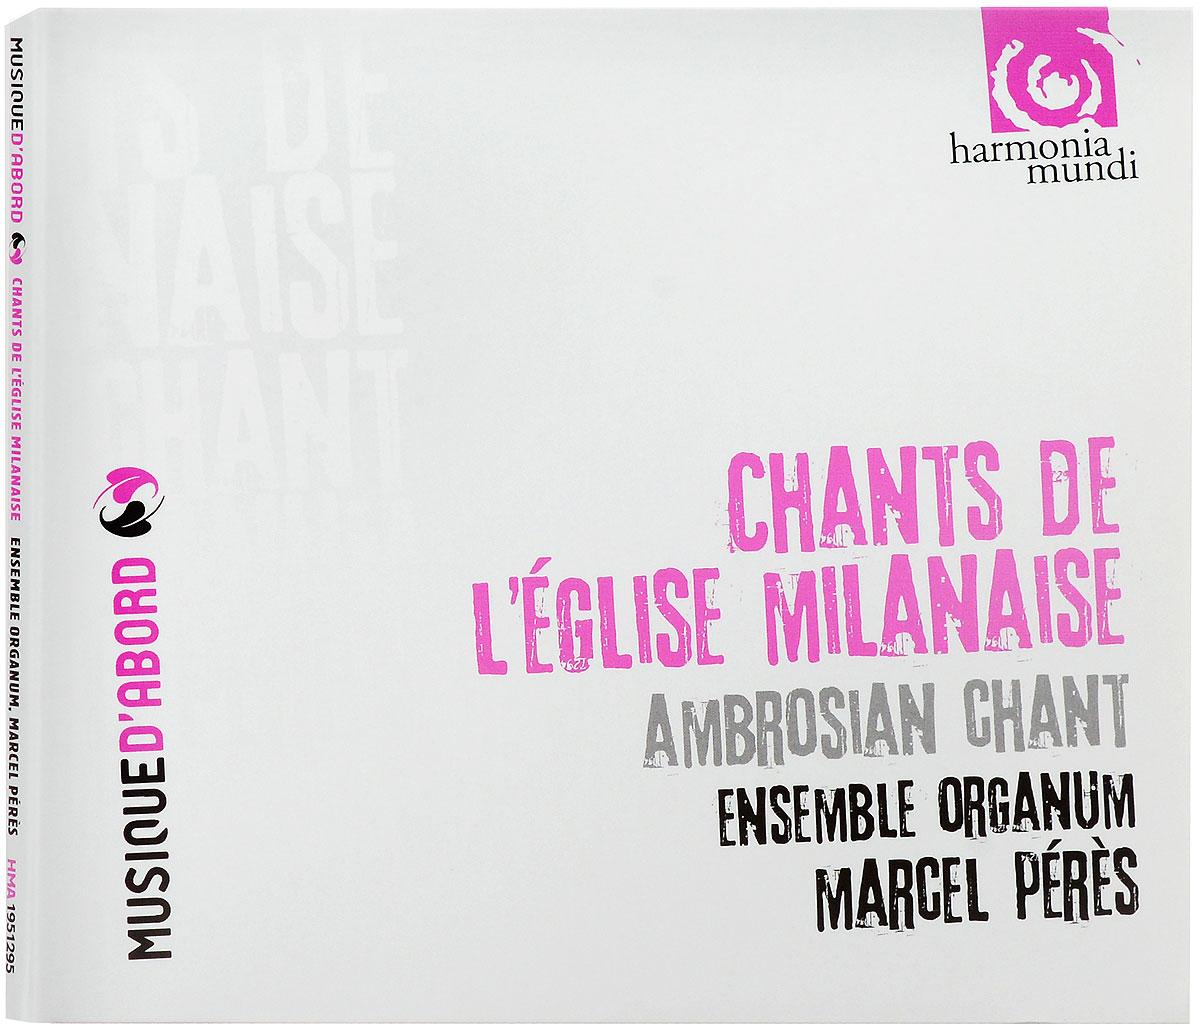 Издание содержит раскладку с дополнительной информацией на английском, французском и немецком языках.